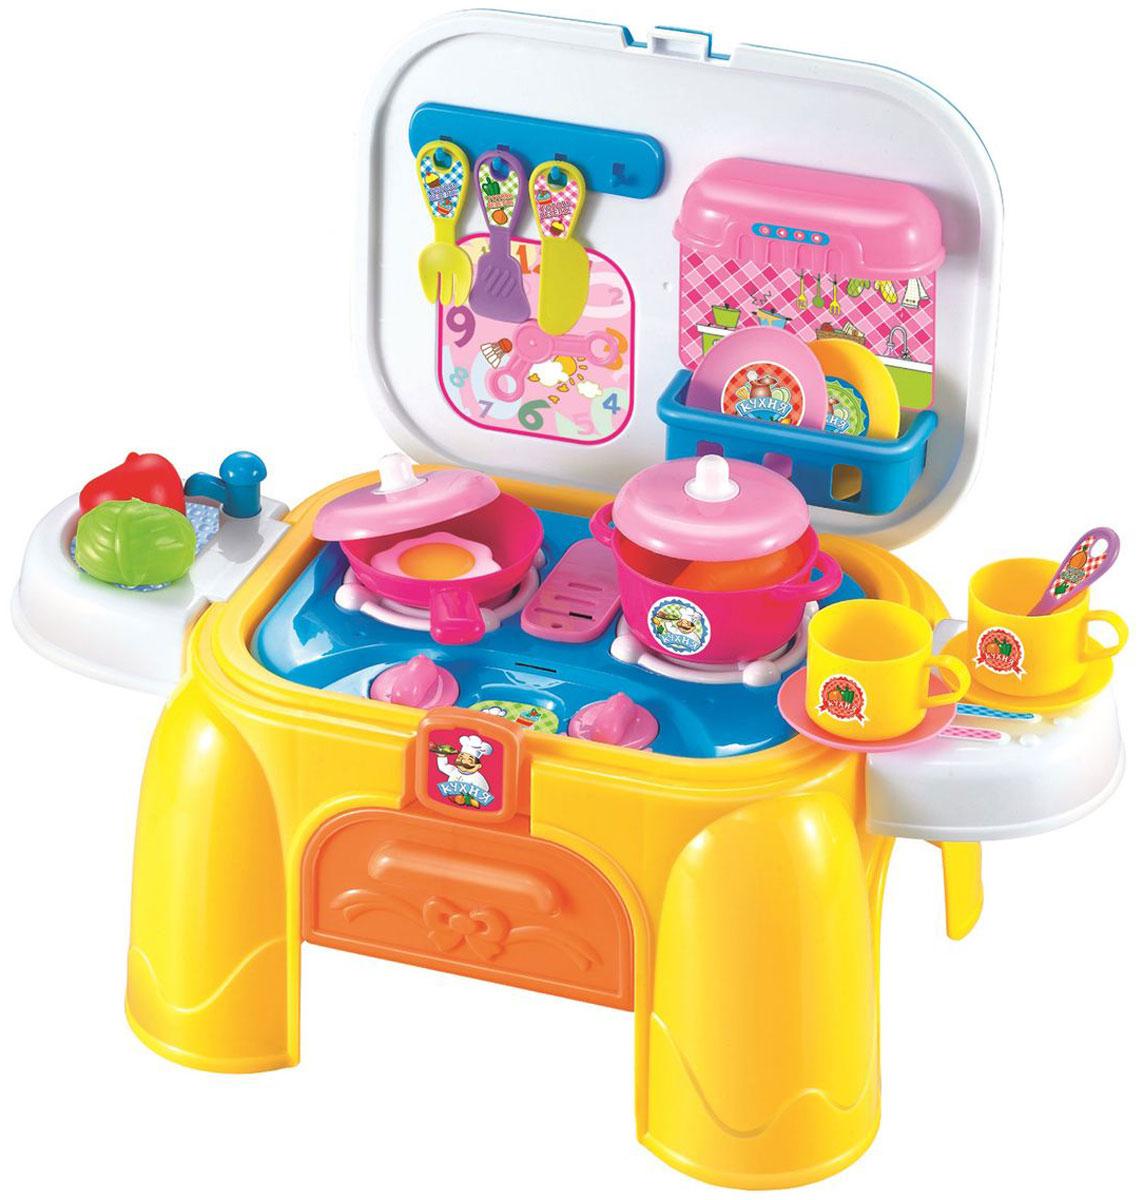 1TOY Игровой набор Профи Кухня 2 в 1 26 предметов посуда кухонная